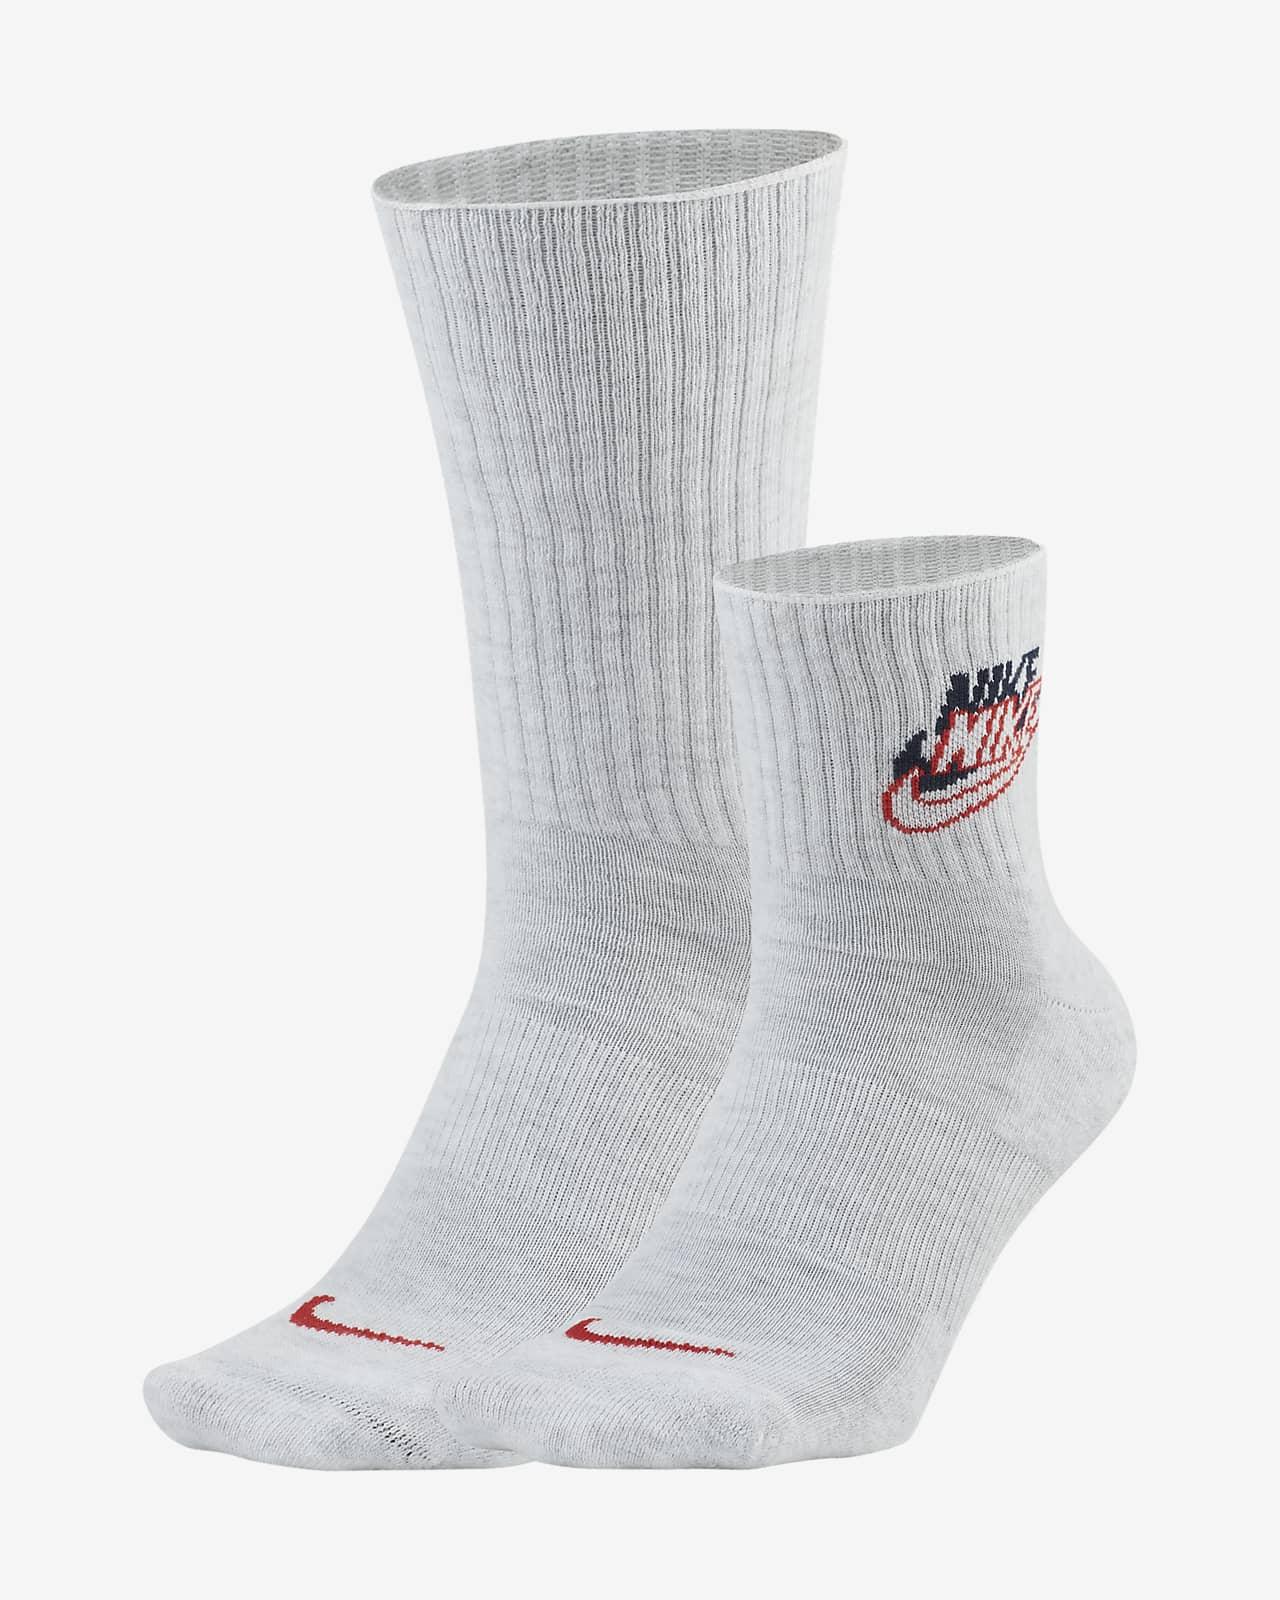 Nike Heritage Socks (2 Pairs)